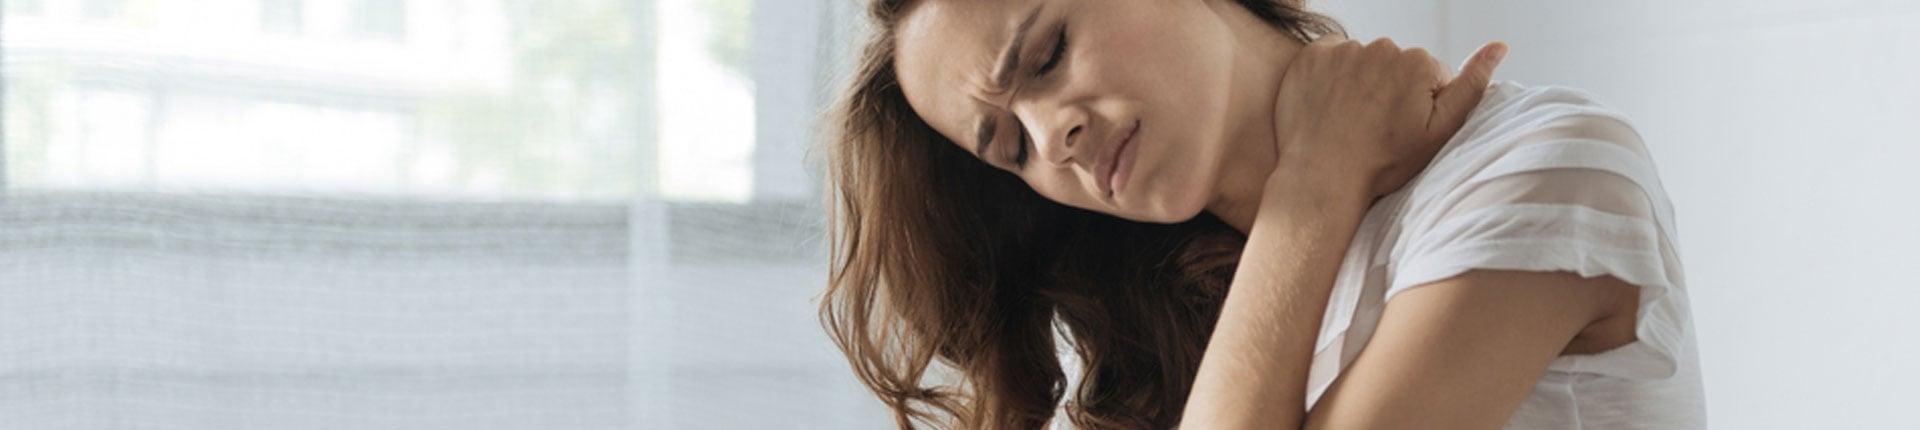 Witamina B12 skuteczna w leczeniu bólu